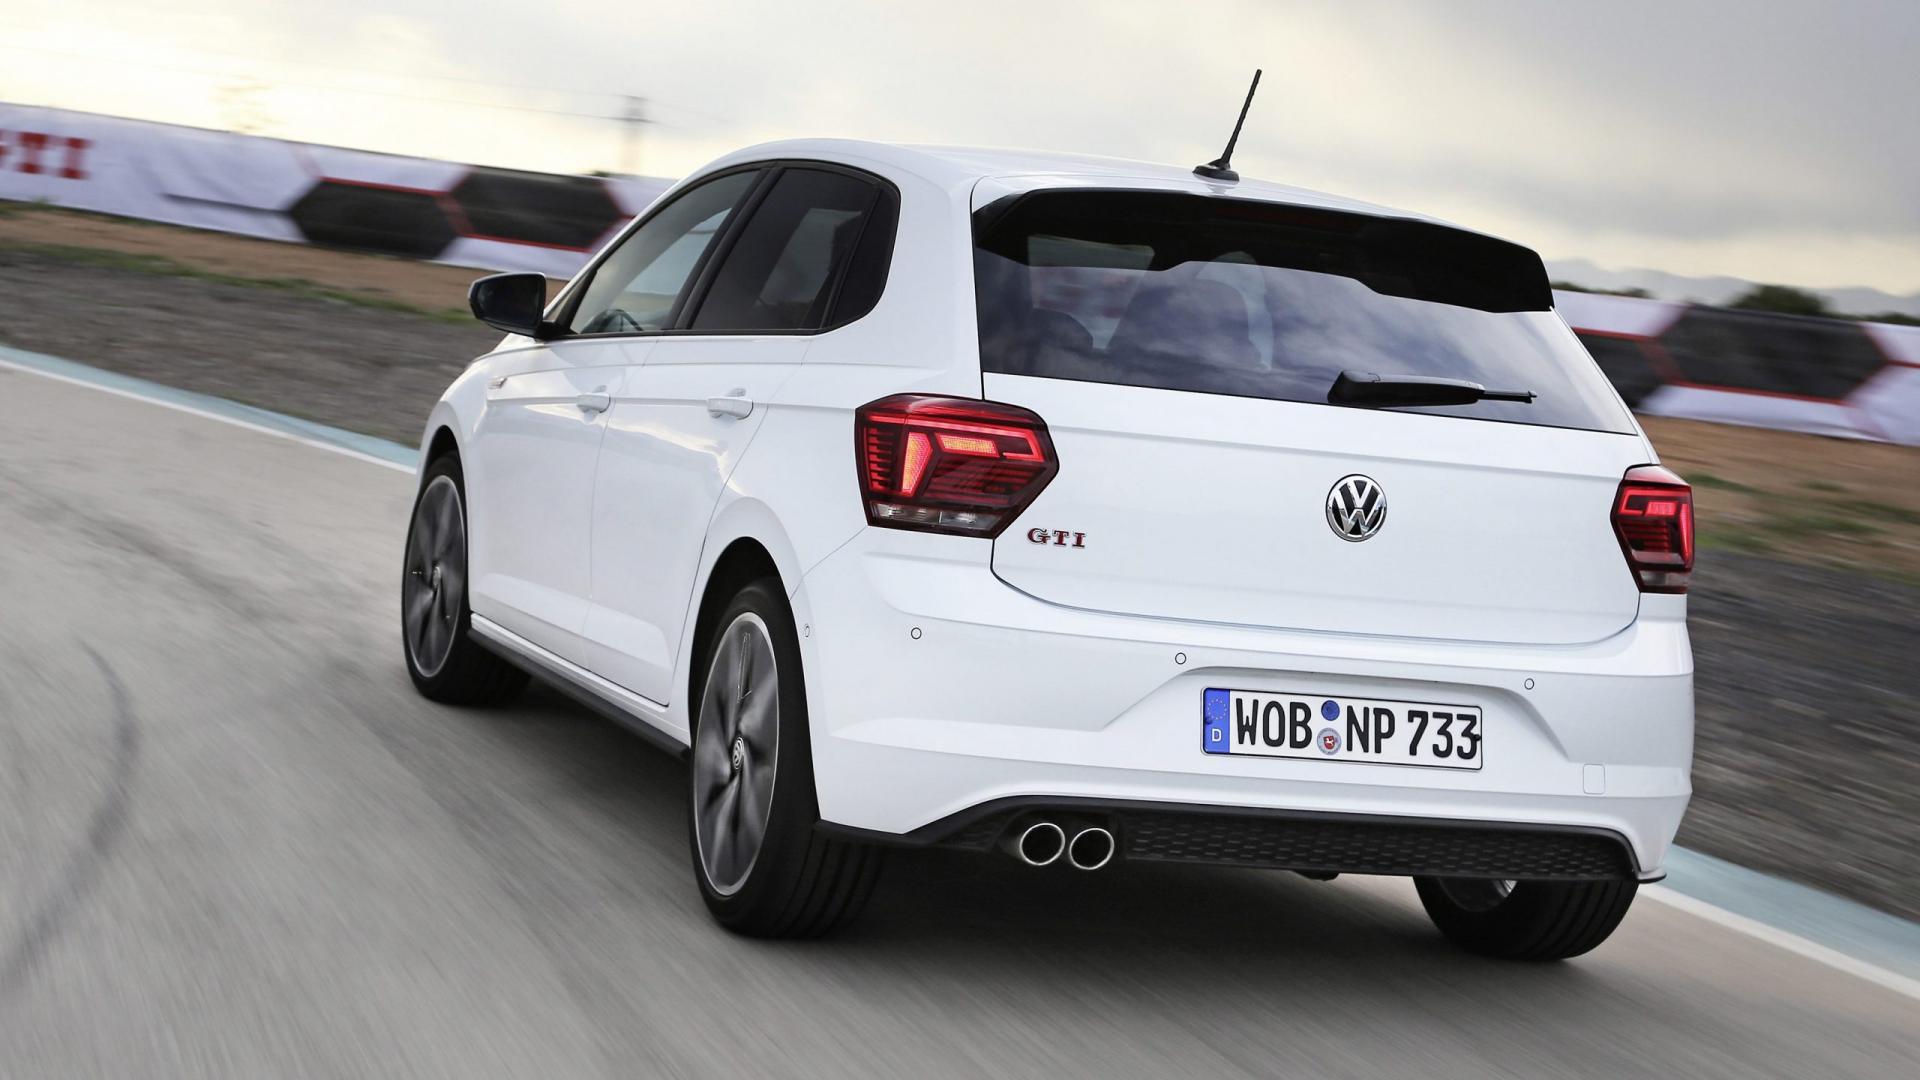 Witte Volkswagen Polo GTI met handbak